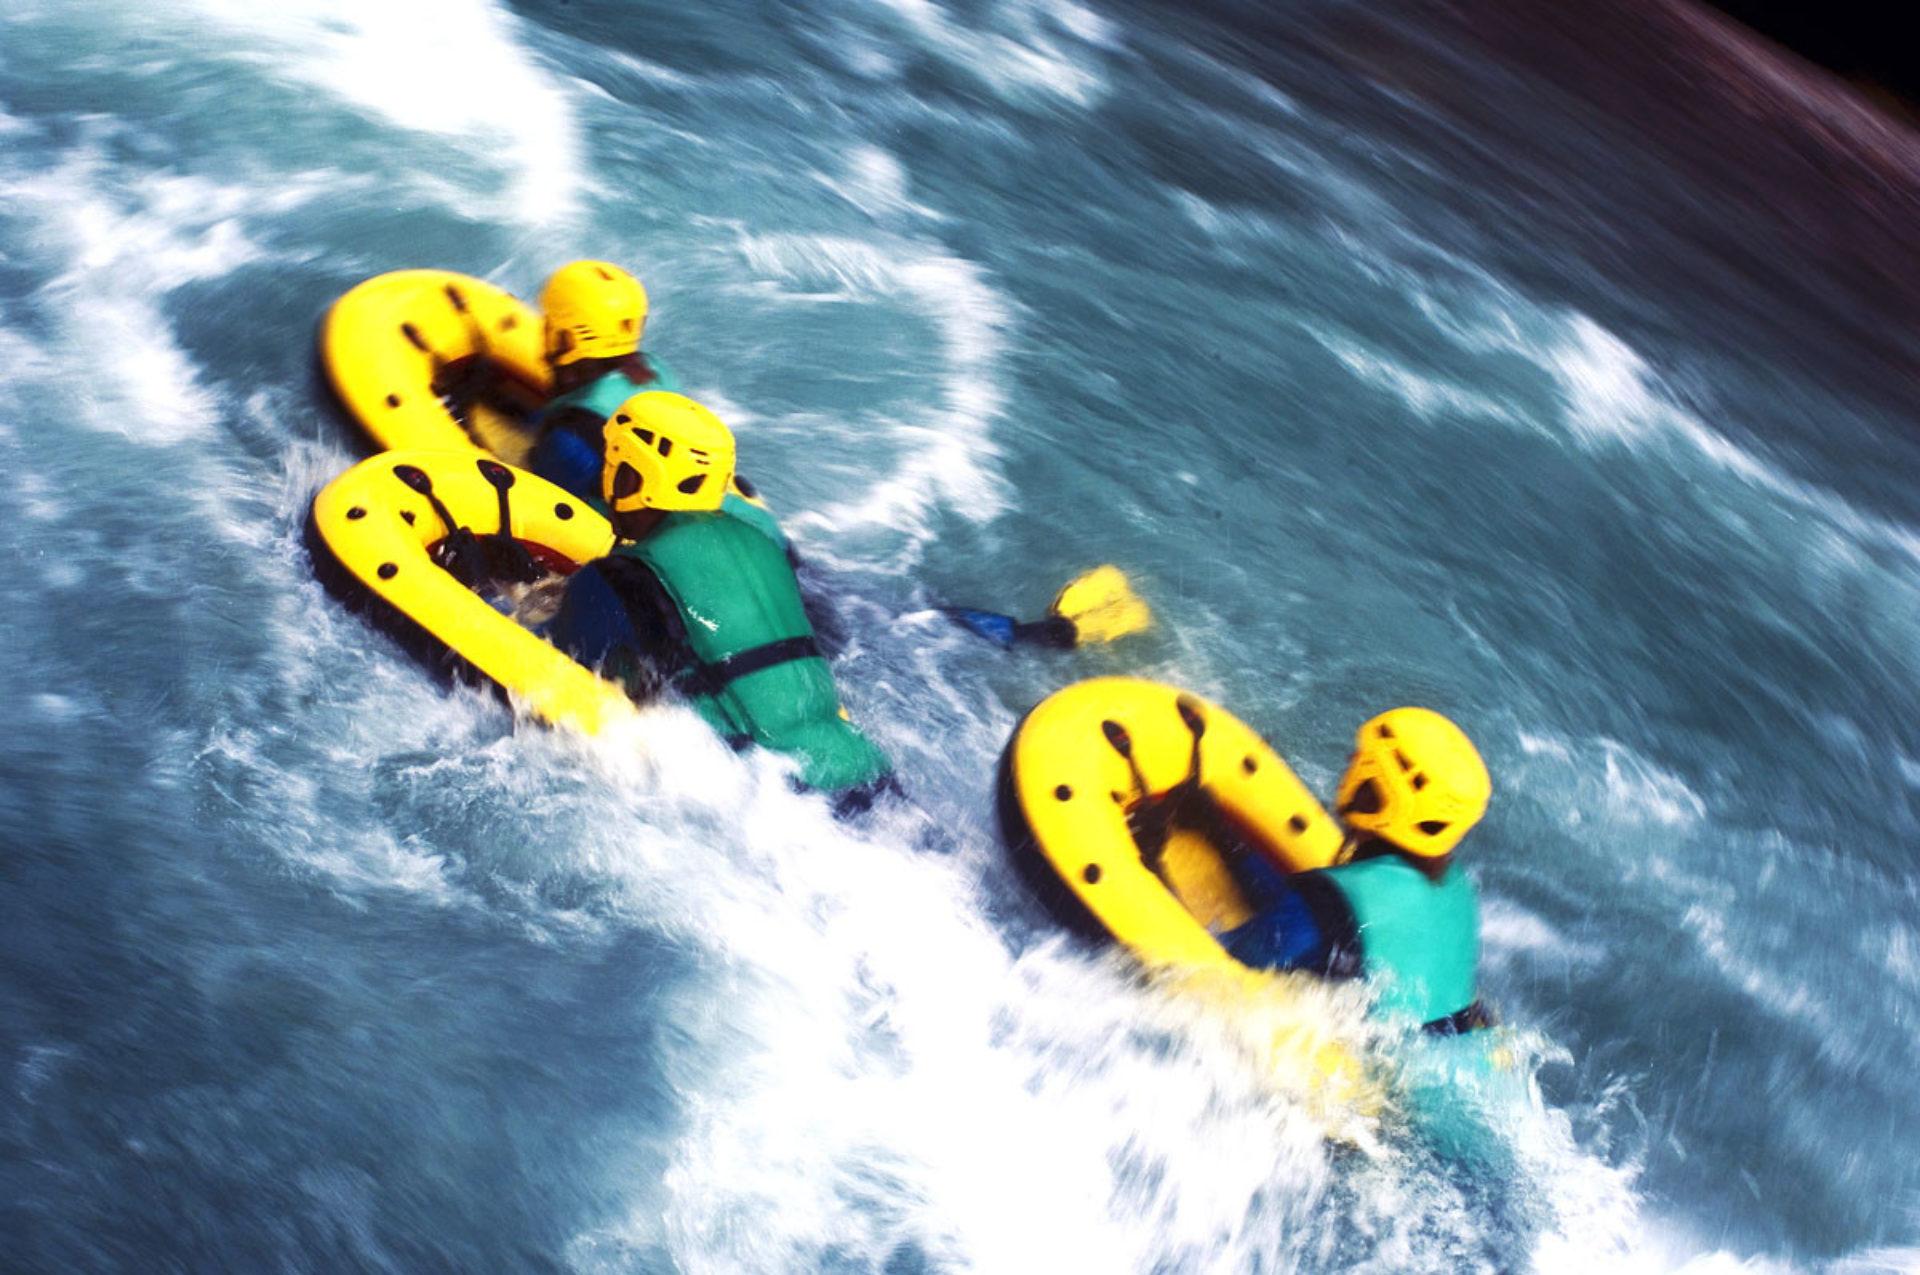 gruppo di ragazzi con hydrospeed nel fiume